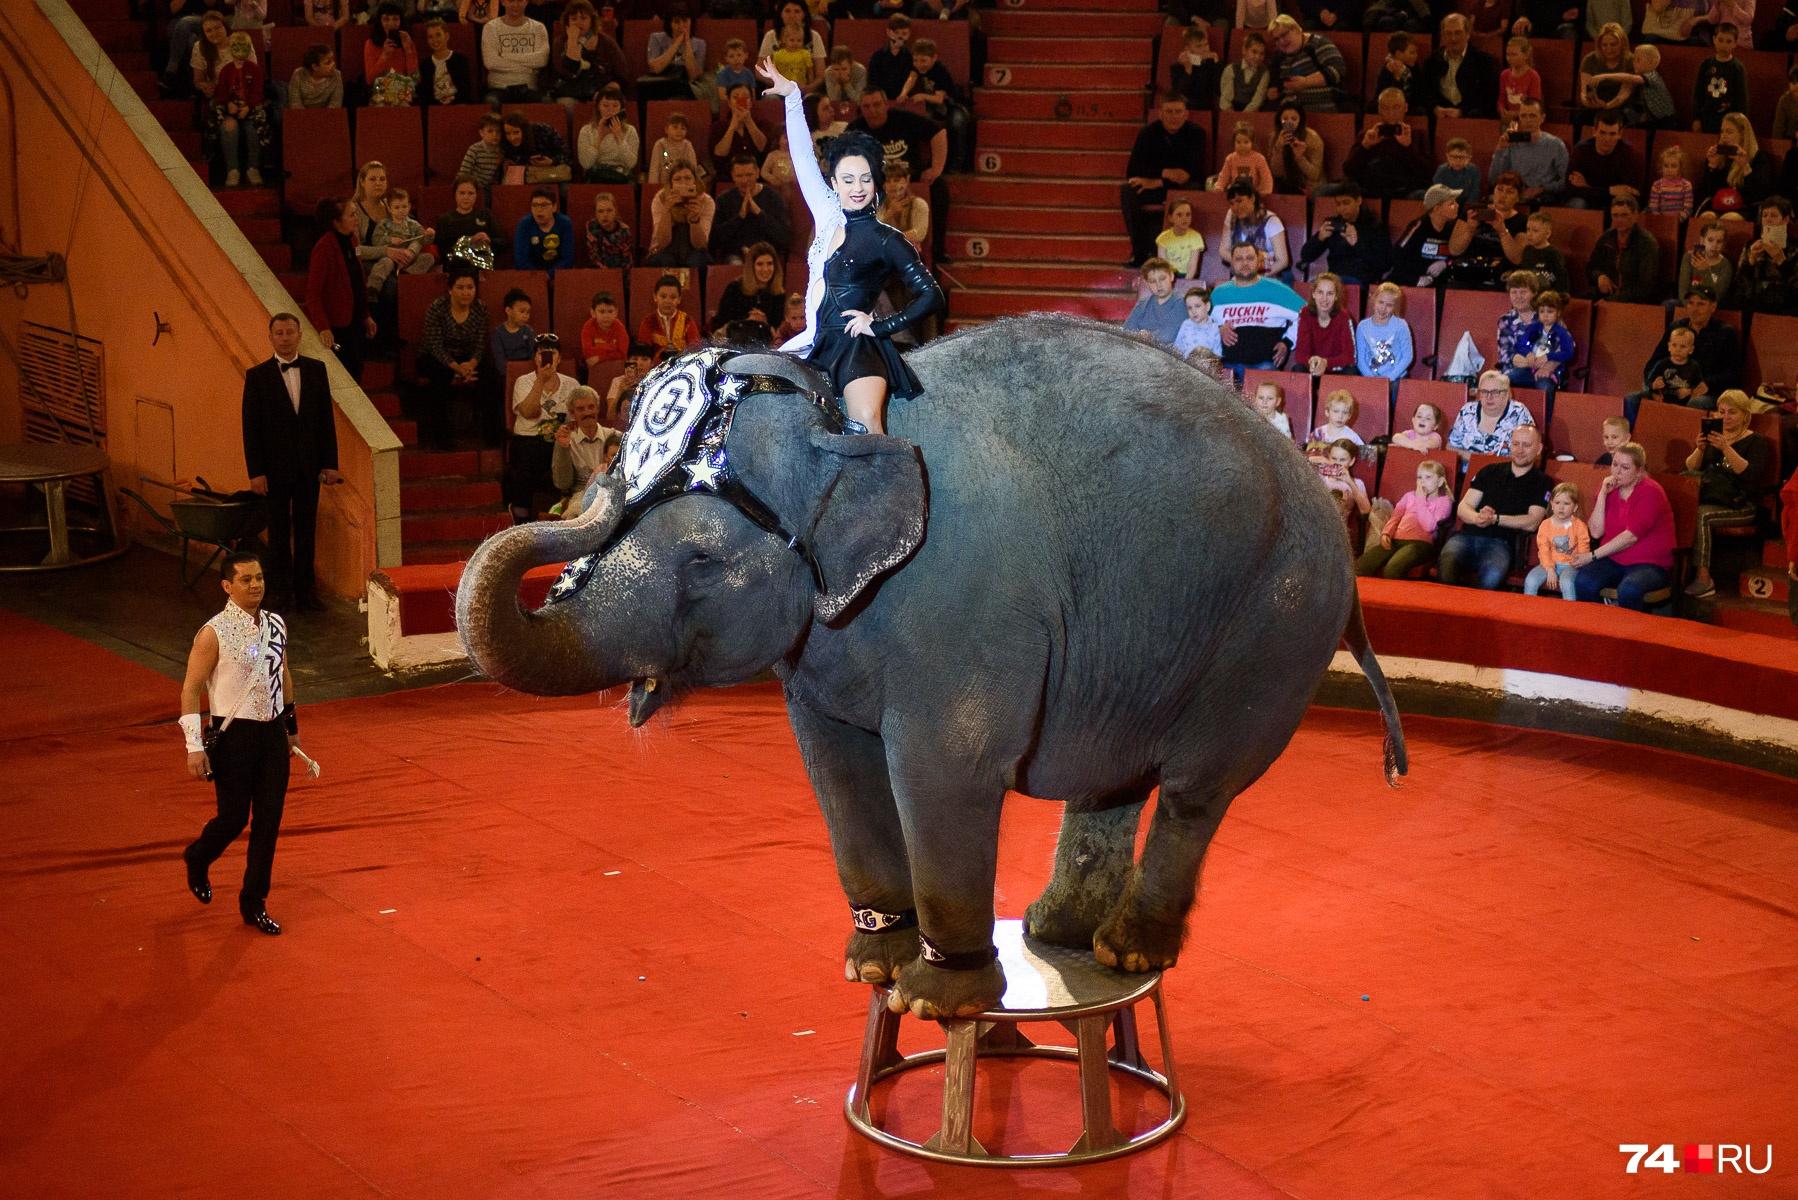 А вот и кульминация шоу — выступление слона!